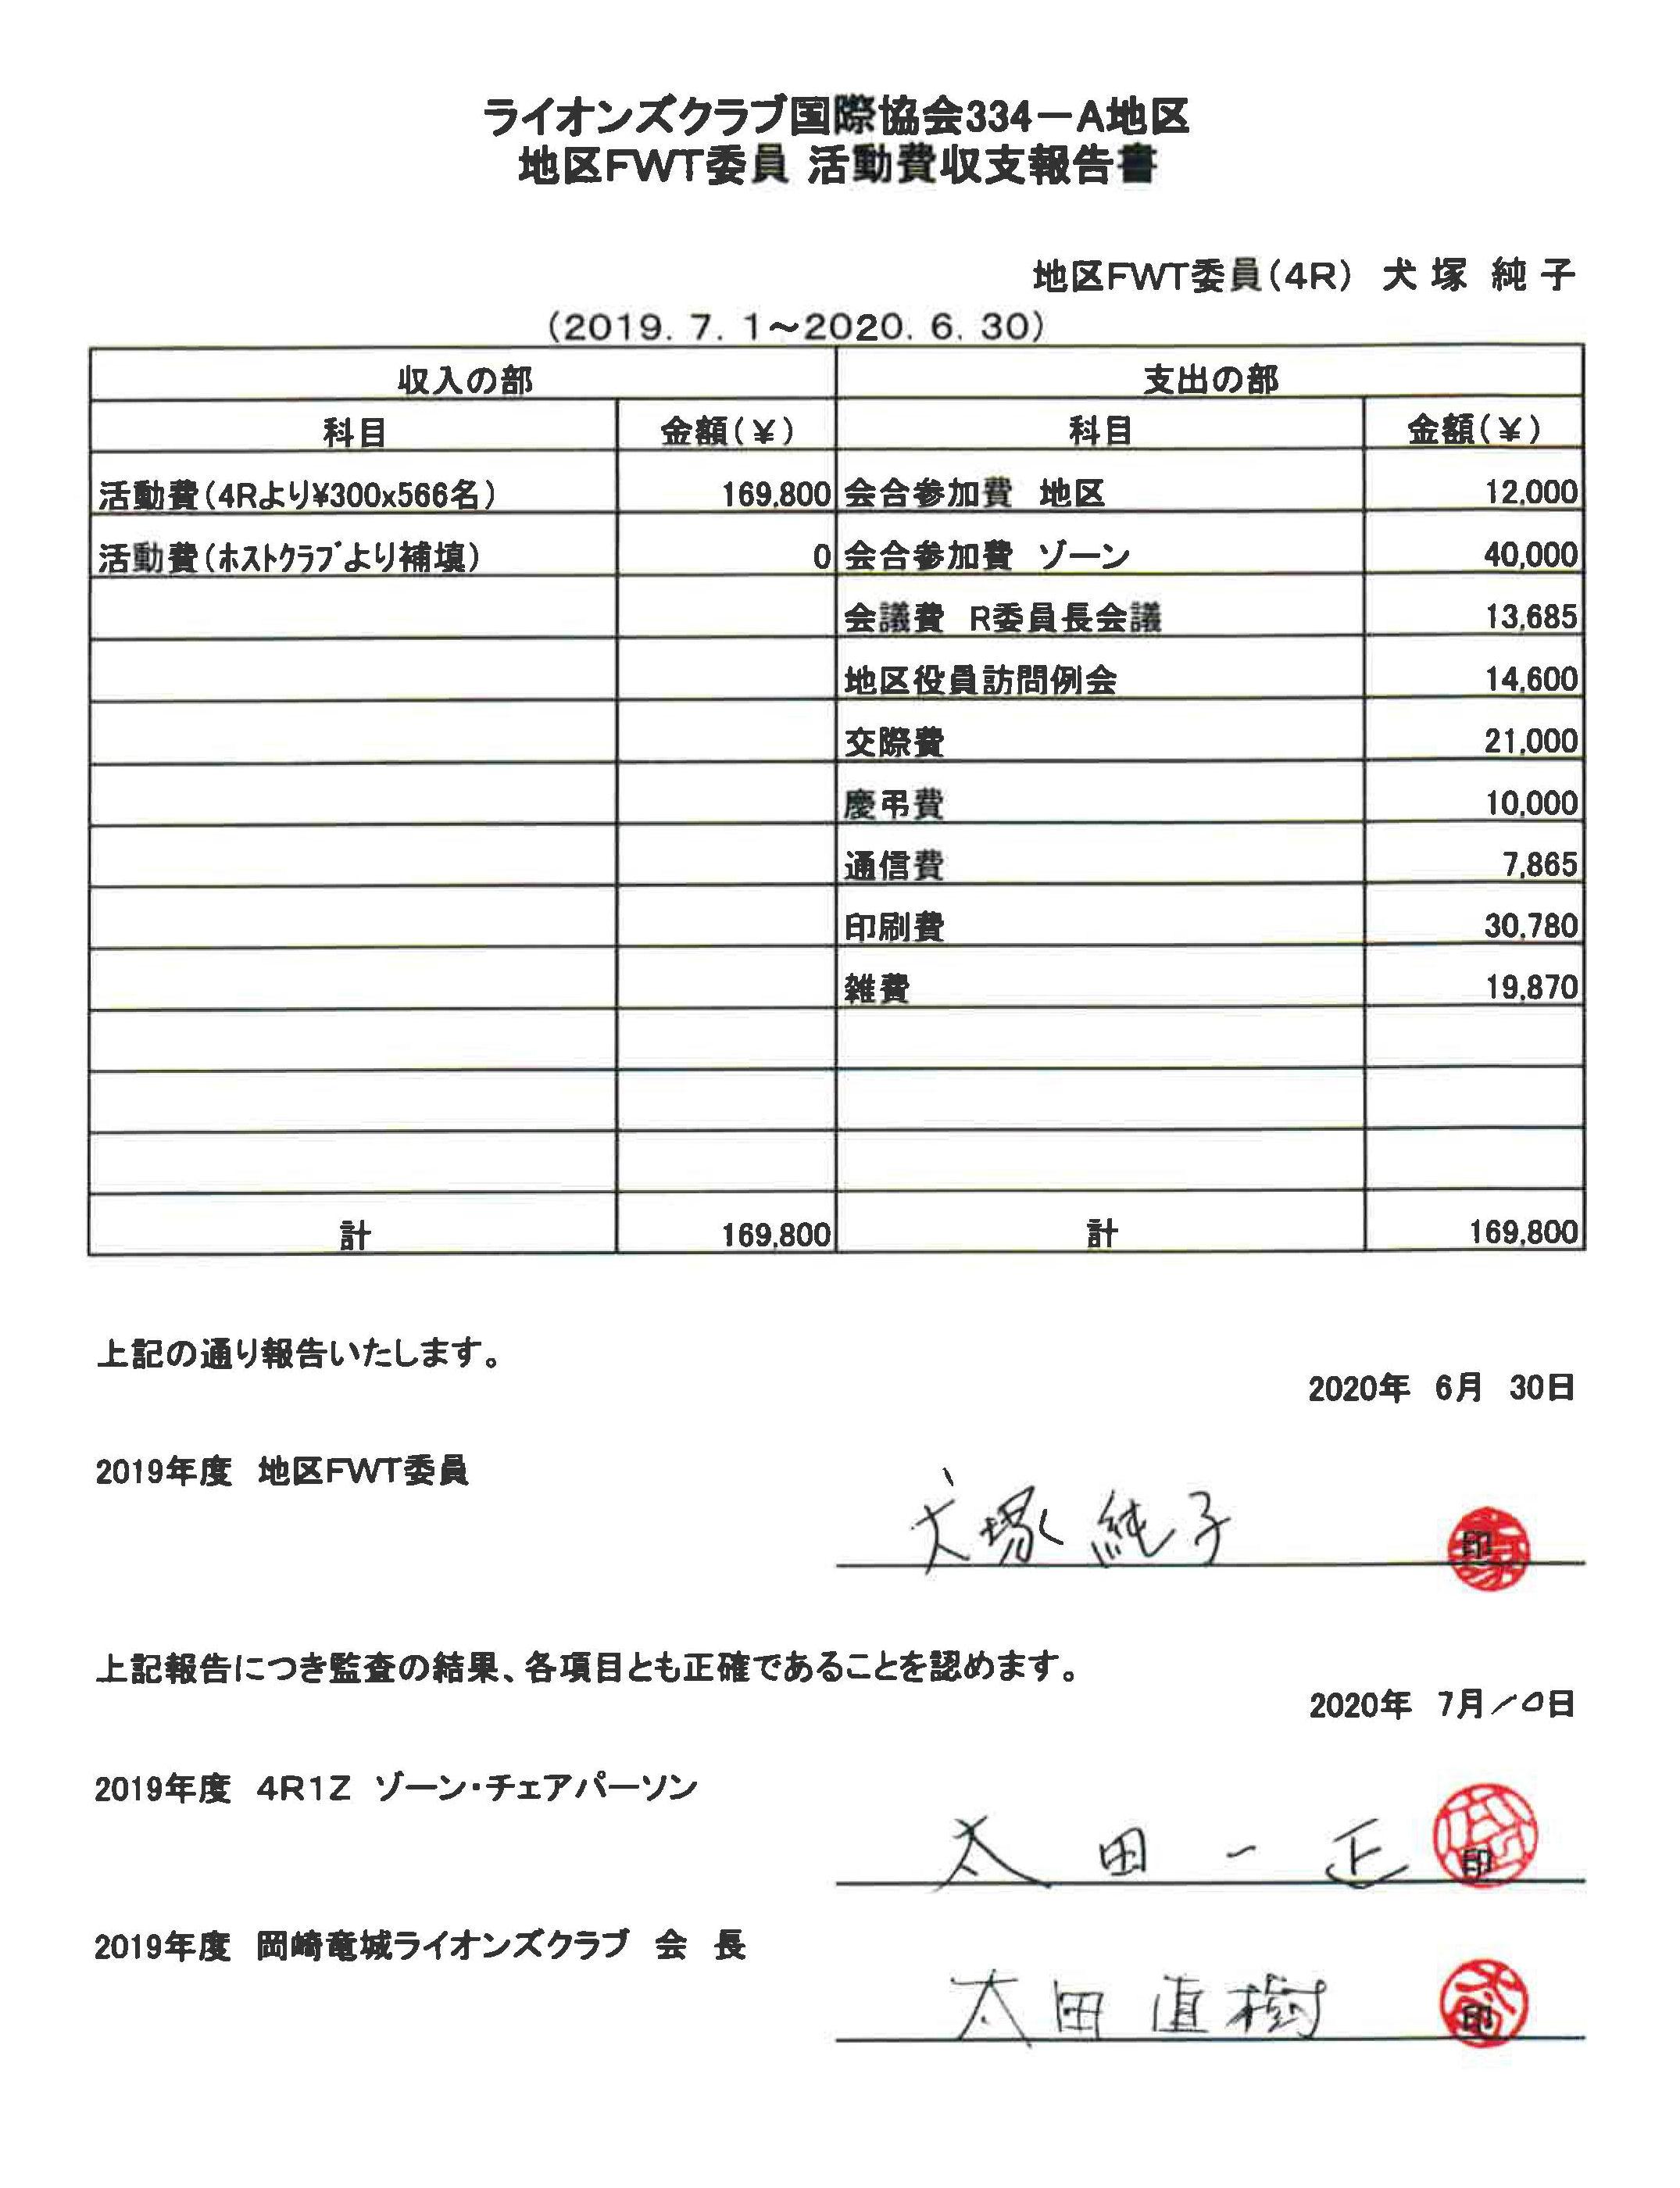 31 4R FWT委員活動費収支報告書